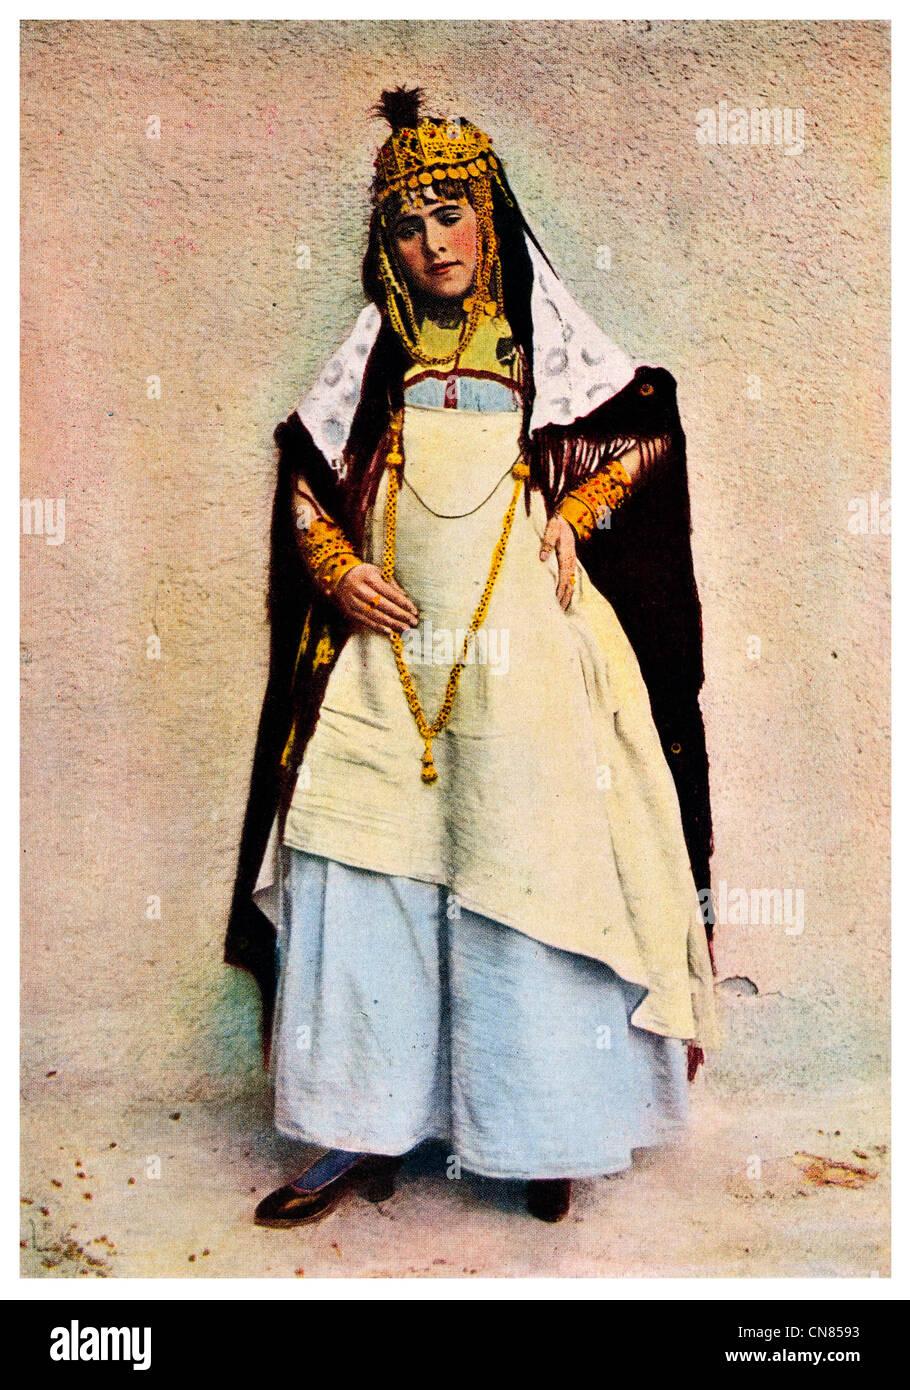 Publicado por primera vez en 1917 Traje argelino Mujer Bailarina de los cafés de Argelia Imagen De Stock